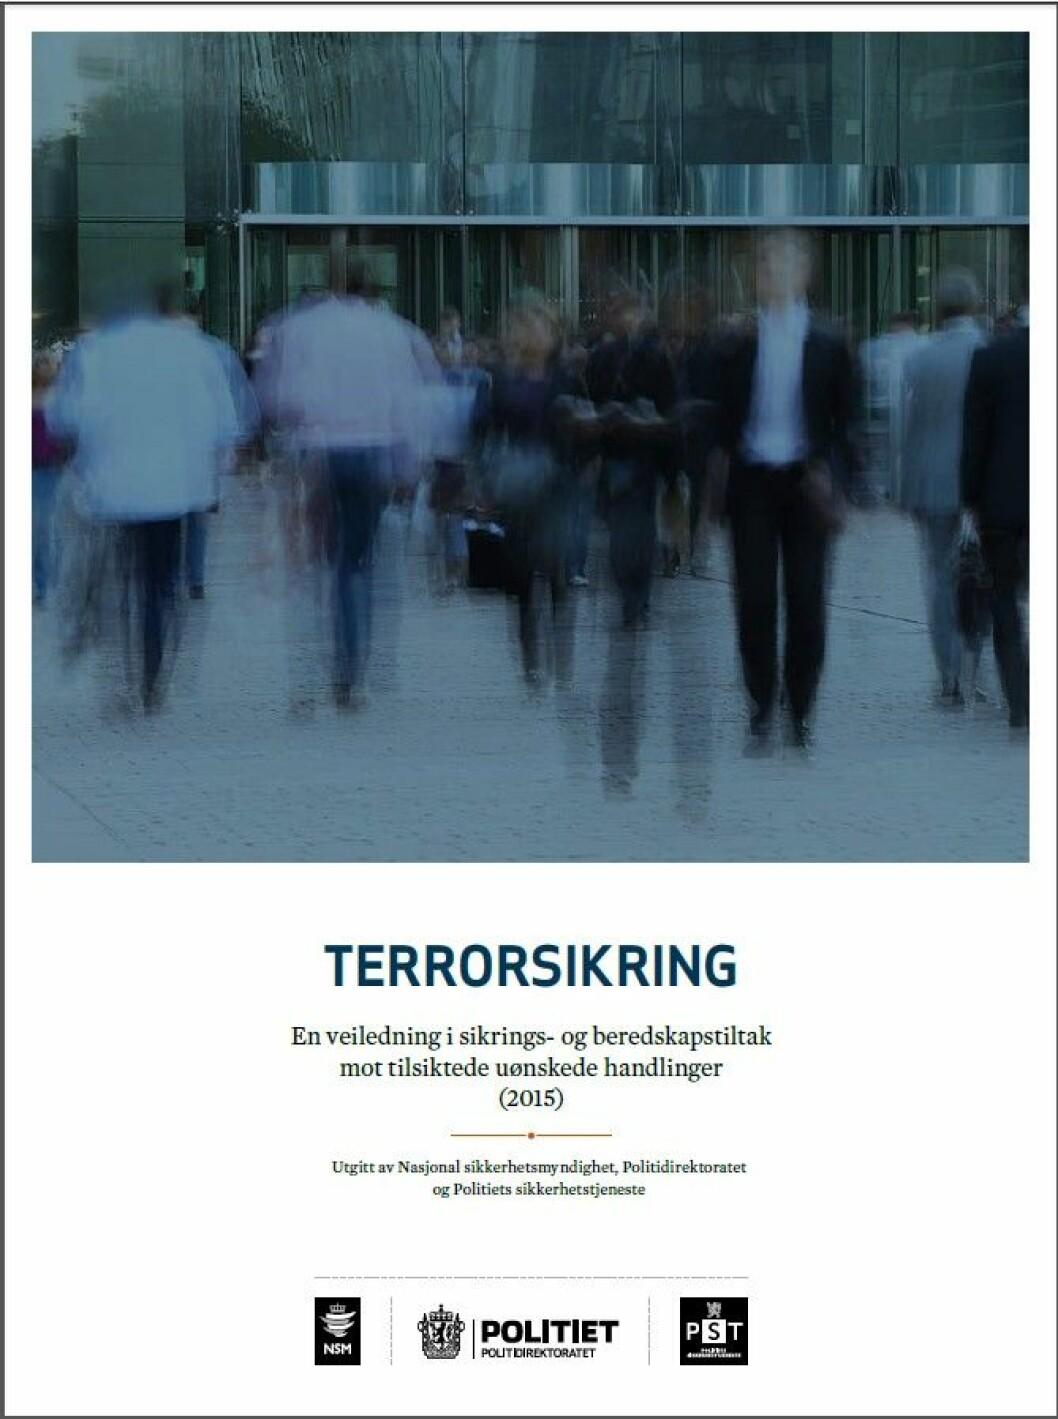 forside_terrorlsikring